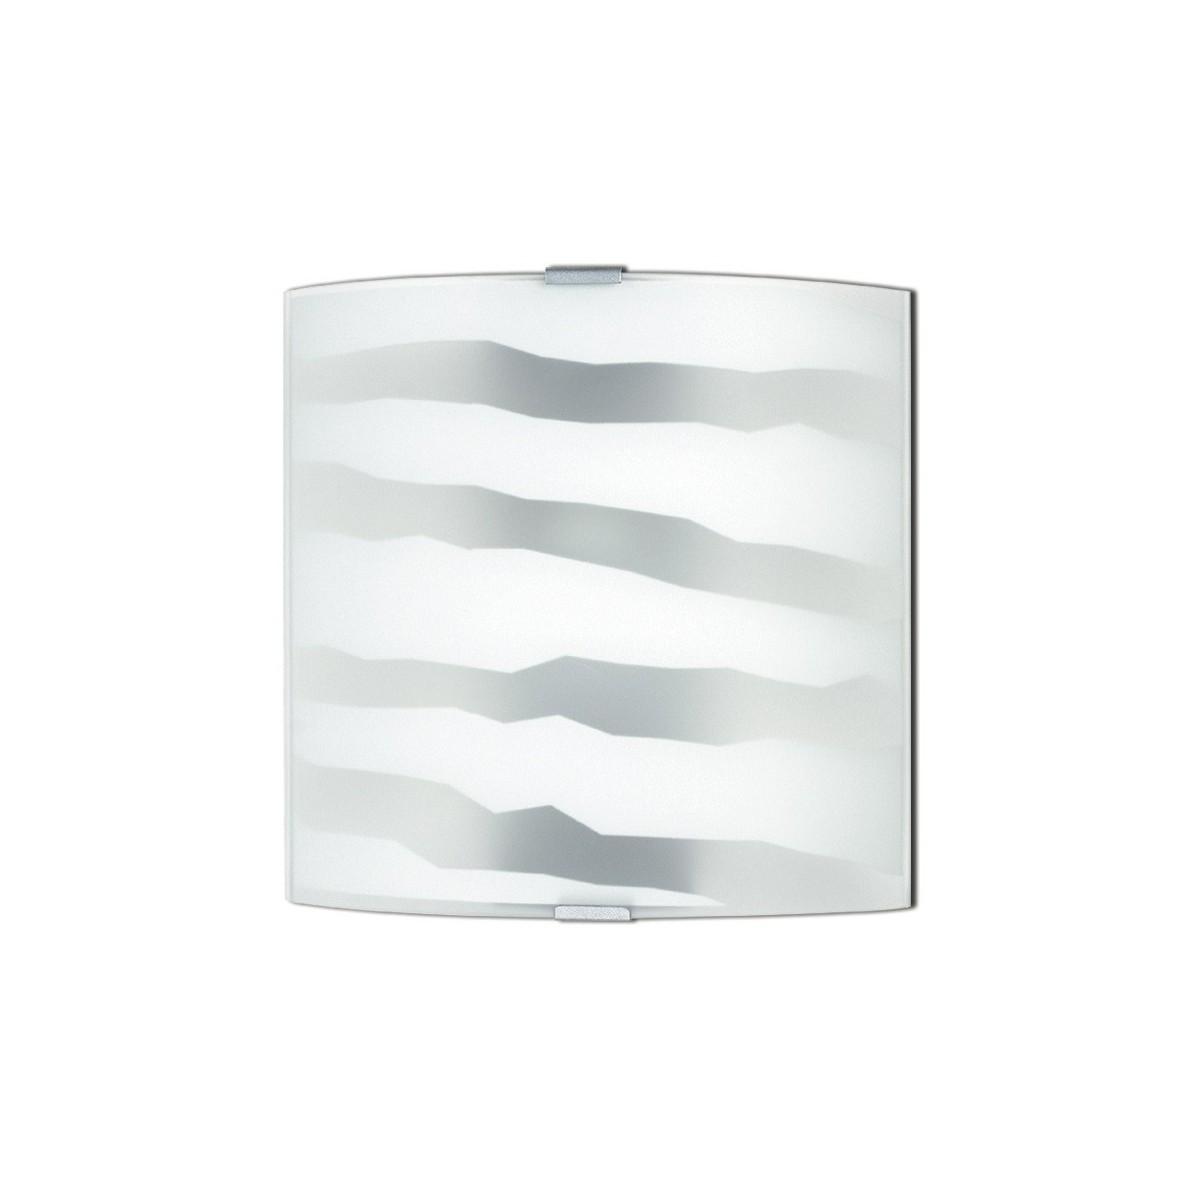 44/01100 - Applique en verre blanc avec décoration zèbre chromée Lampe moderne E27